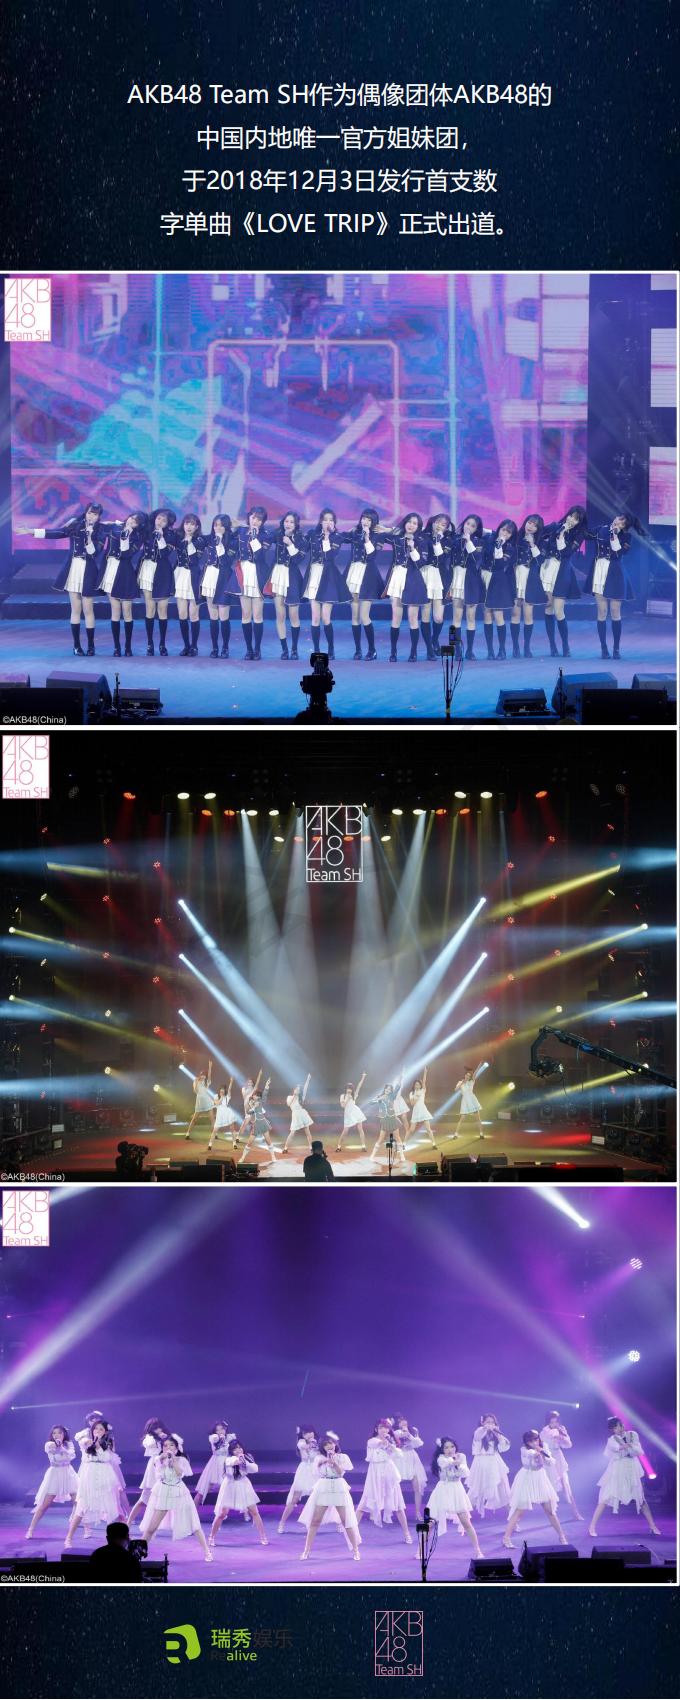 AKB48 TSH 票务资料_02.png